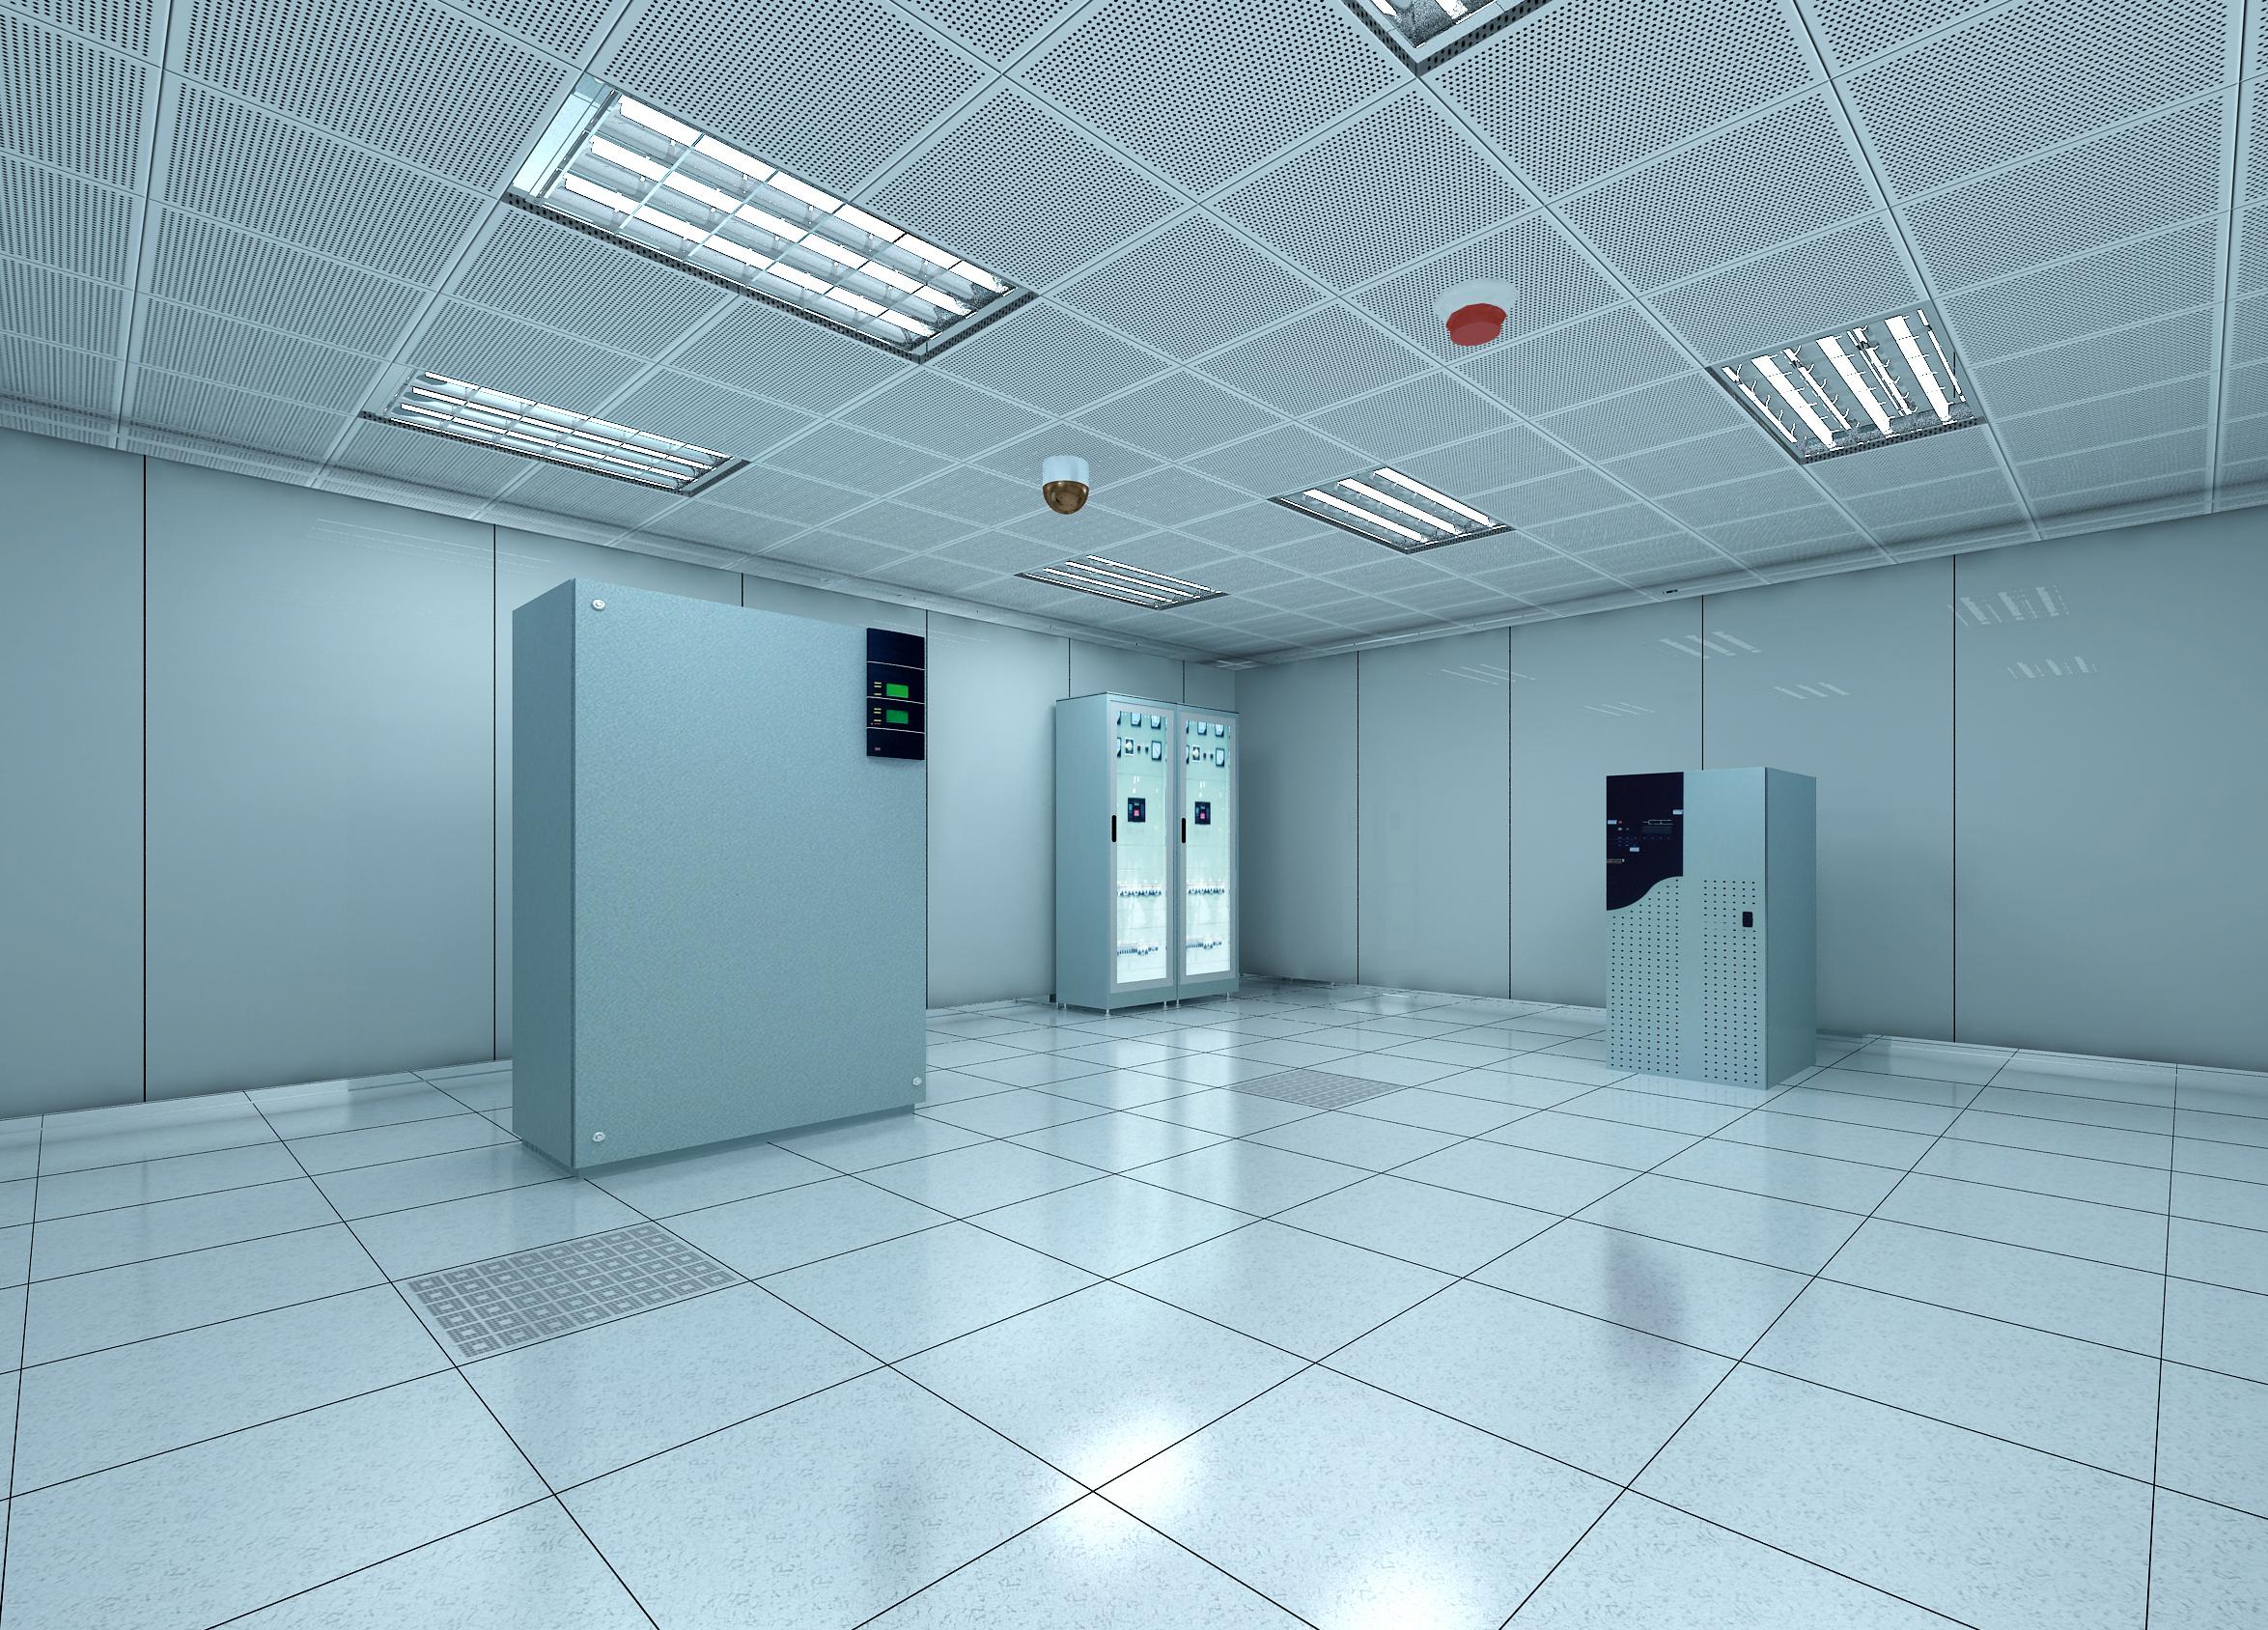 ажлын өрөө & хяналтын өрөө 008 3d загвар max 137494